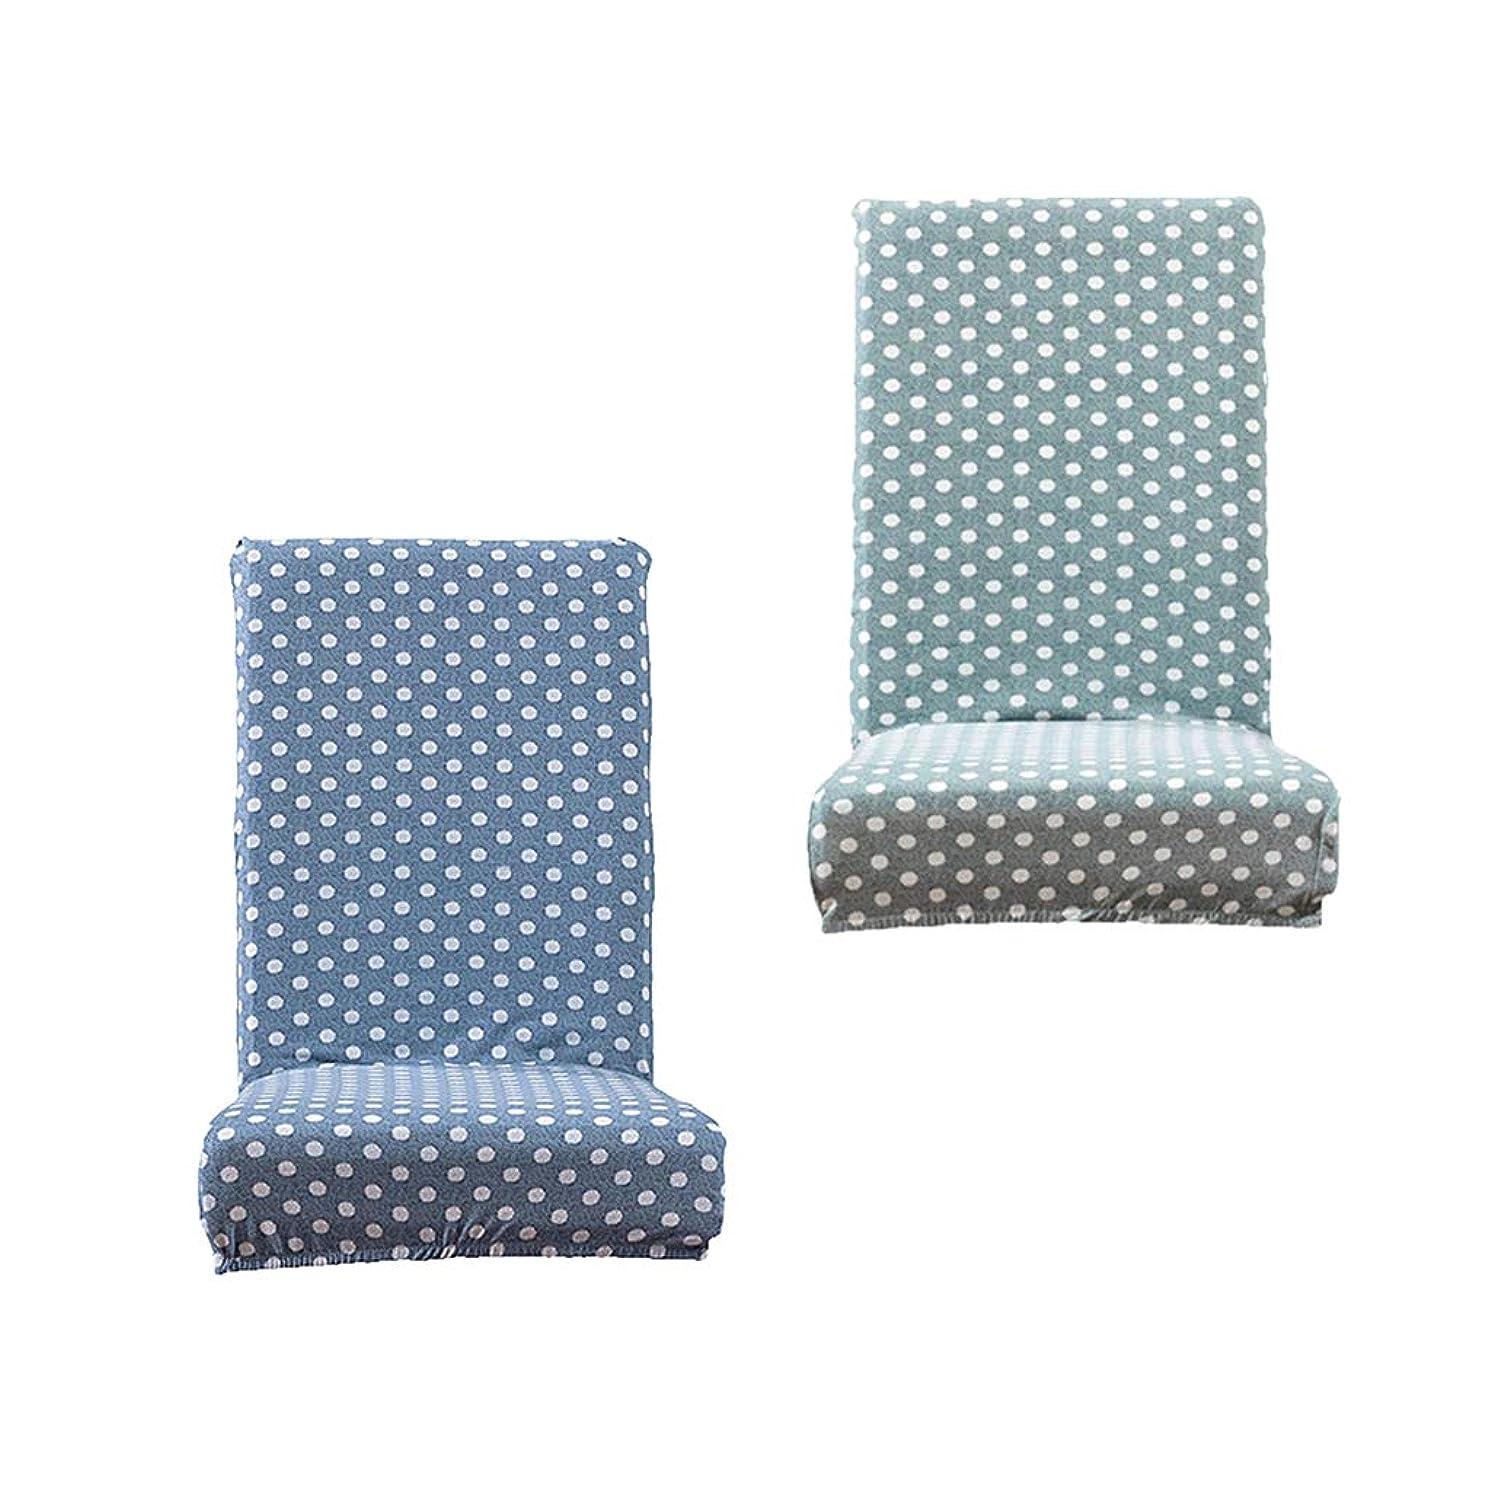 利点破壊漏れKESOTO 2× 椅子カバー ダイニングチェアカバー ドット柄 ストレッチ素材 自宅 ホテル 結婚式 洗濯可能